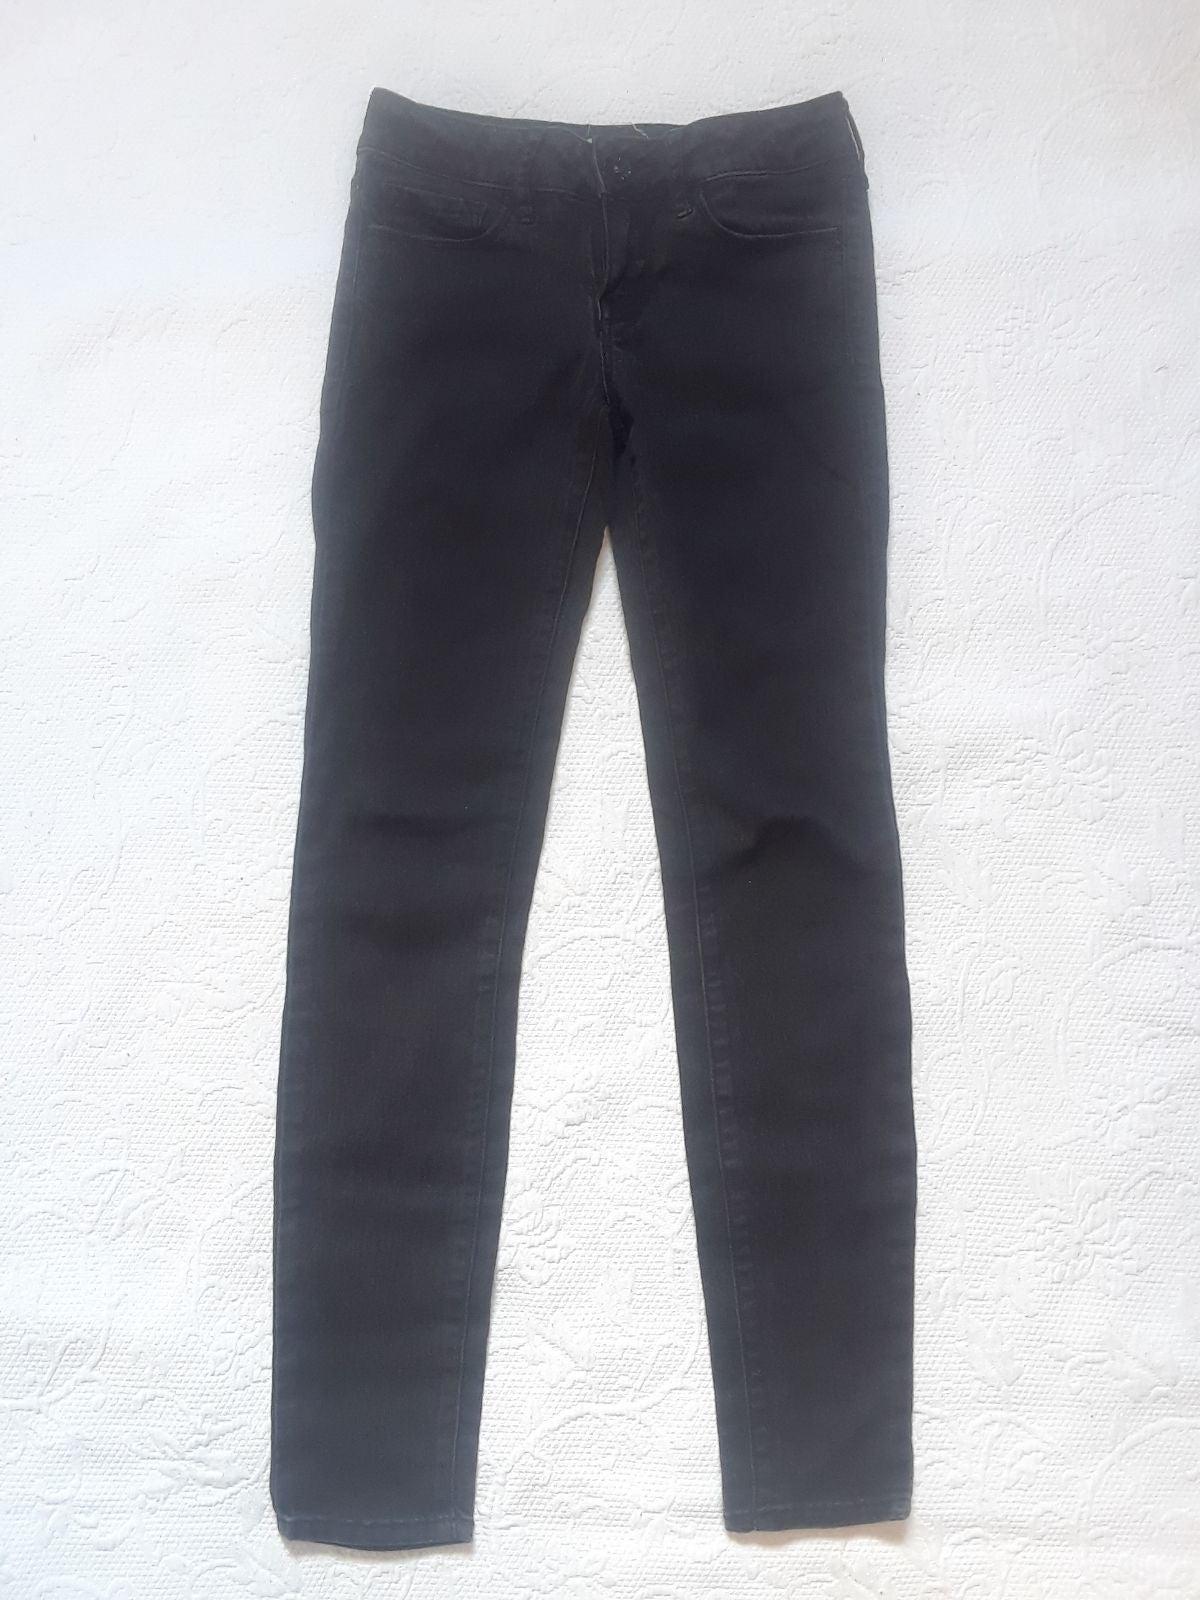 Bull Head Black Girl Skinniest Jeans